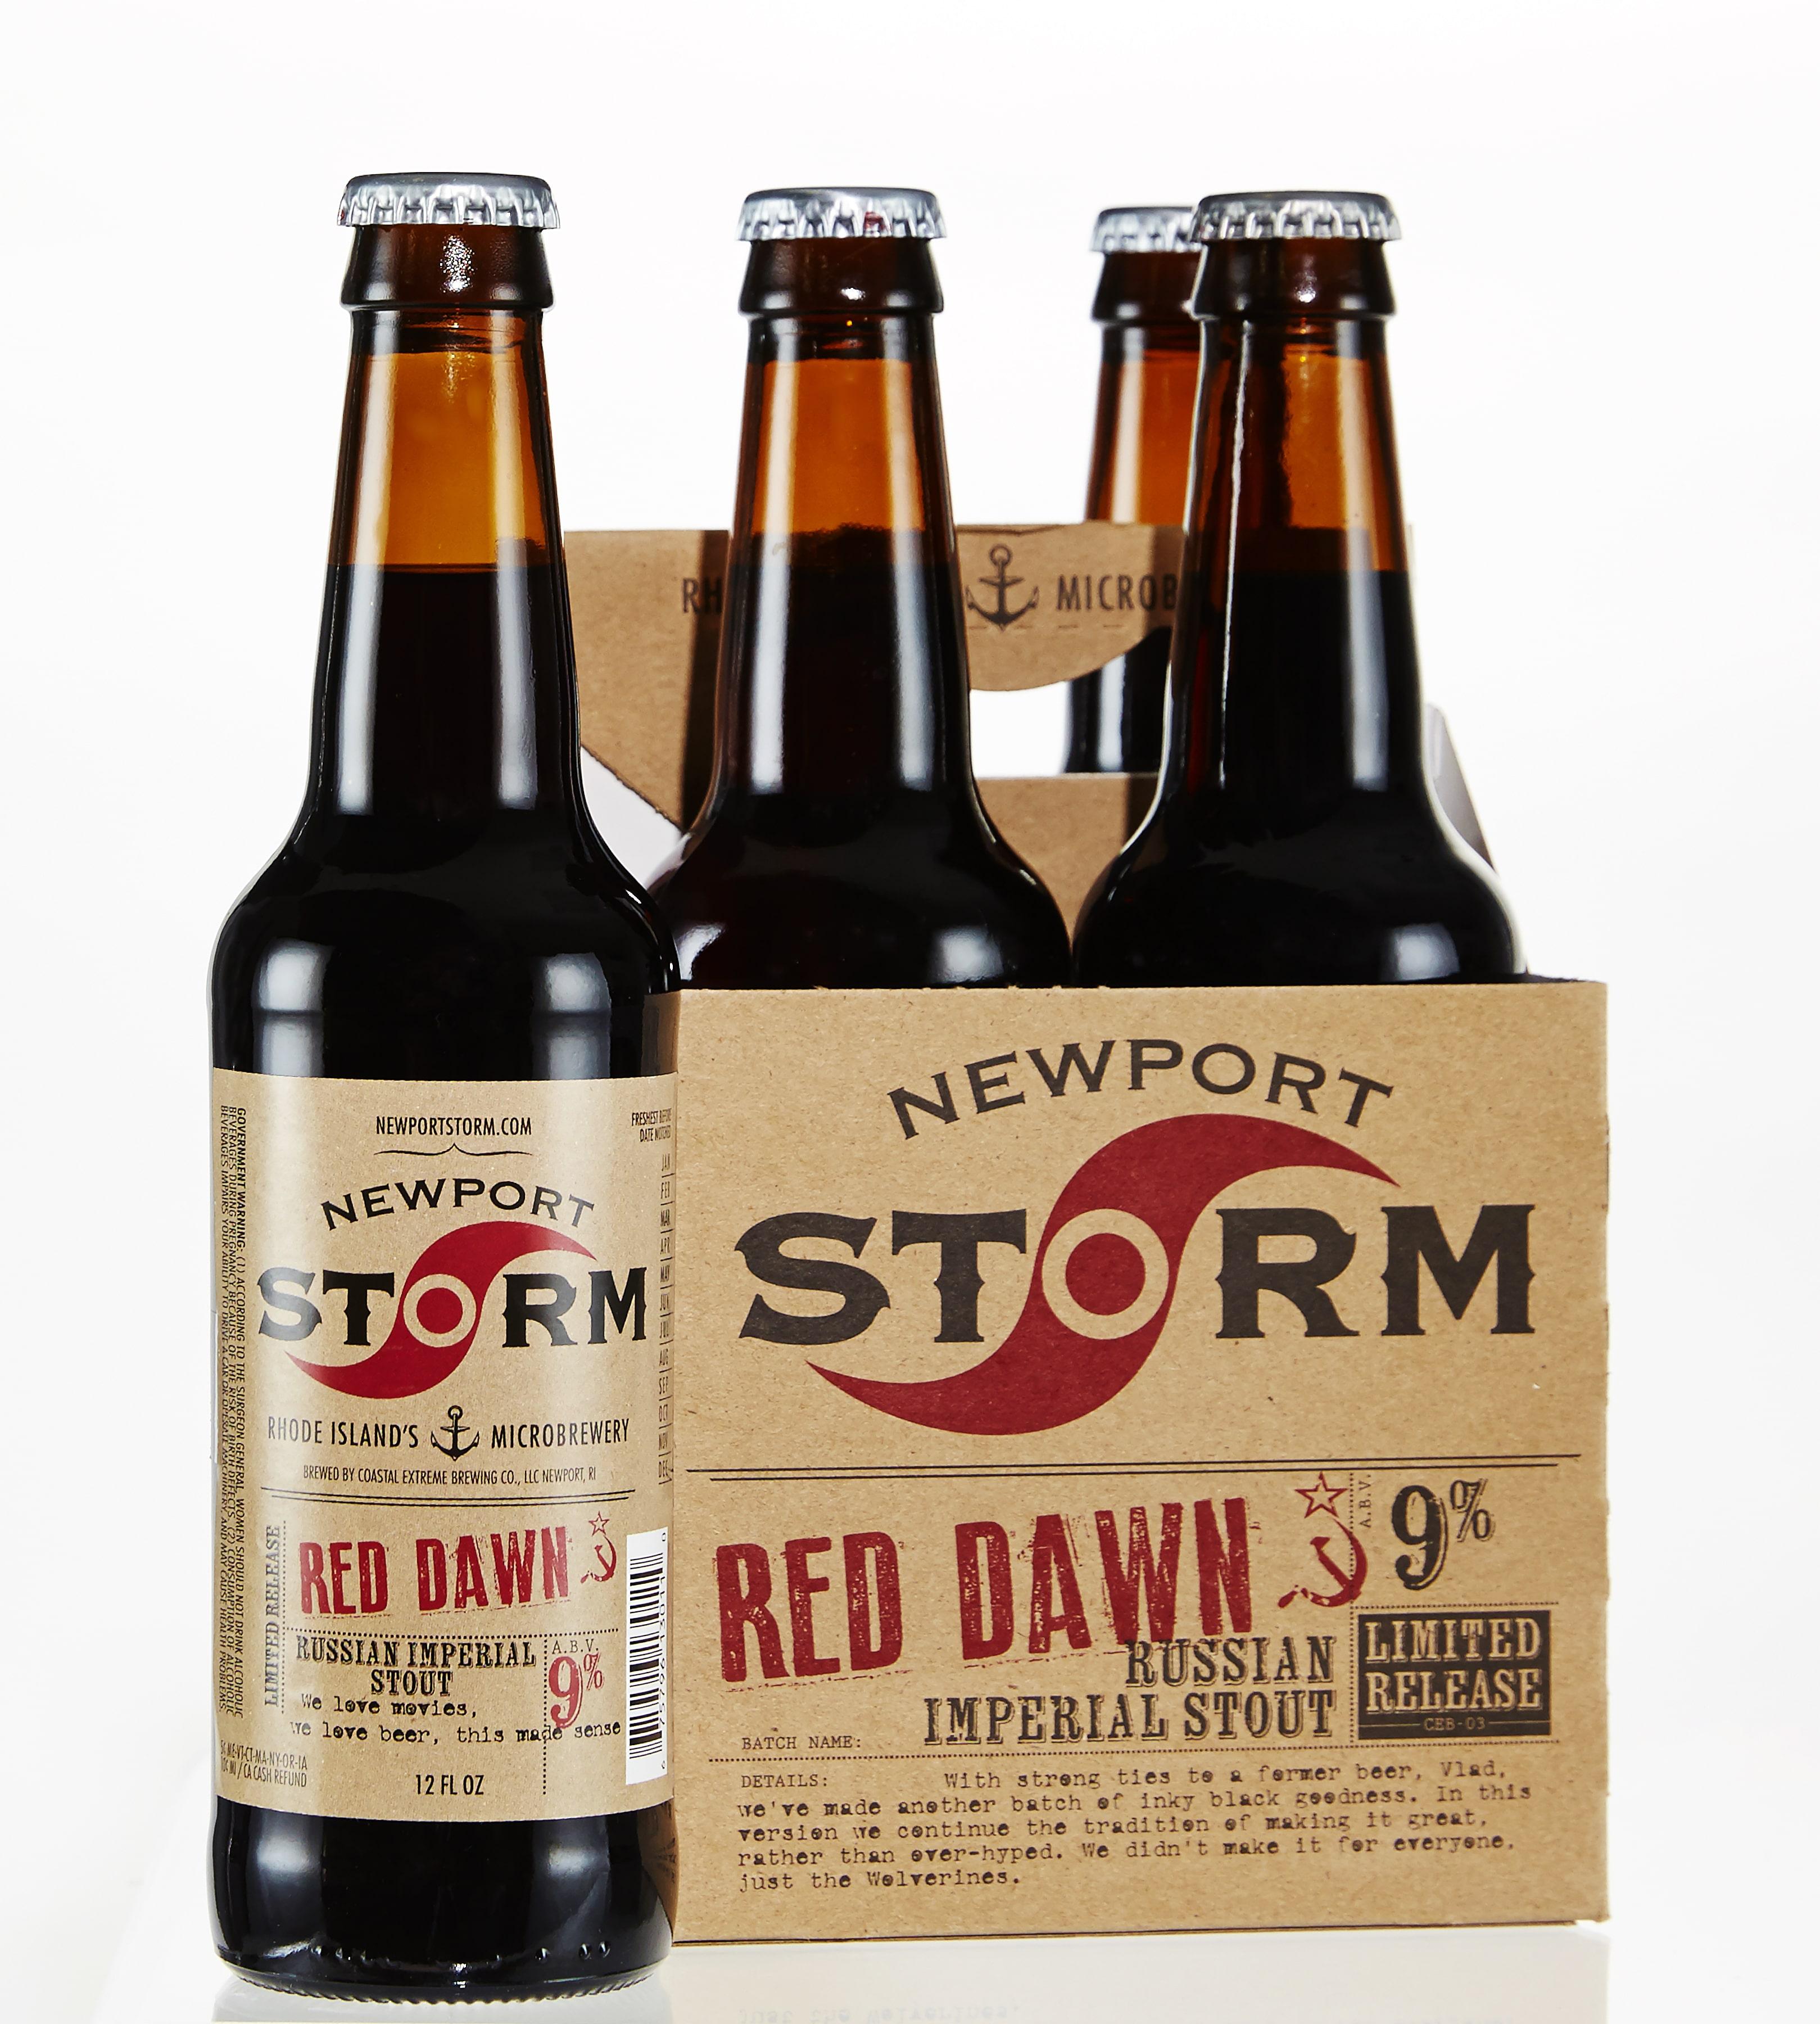 Newport Storm